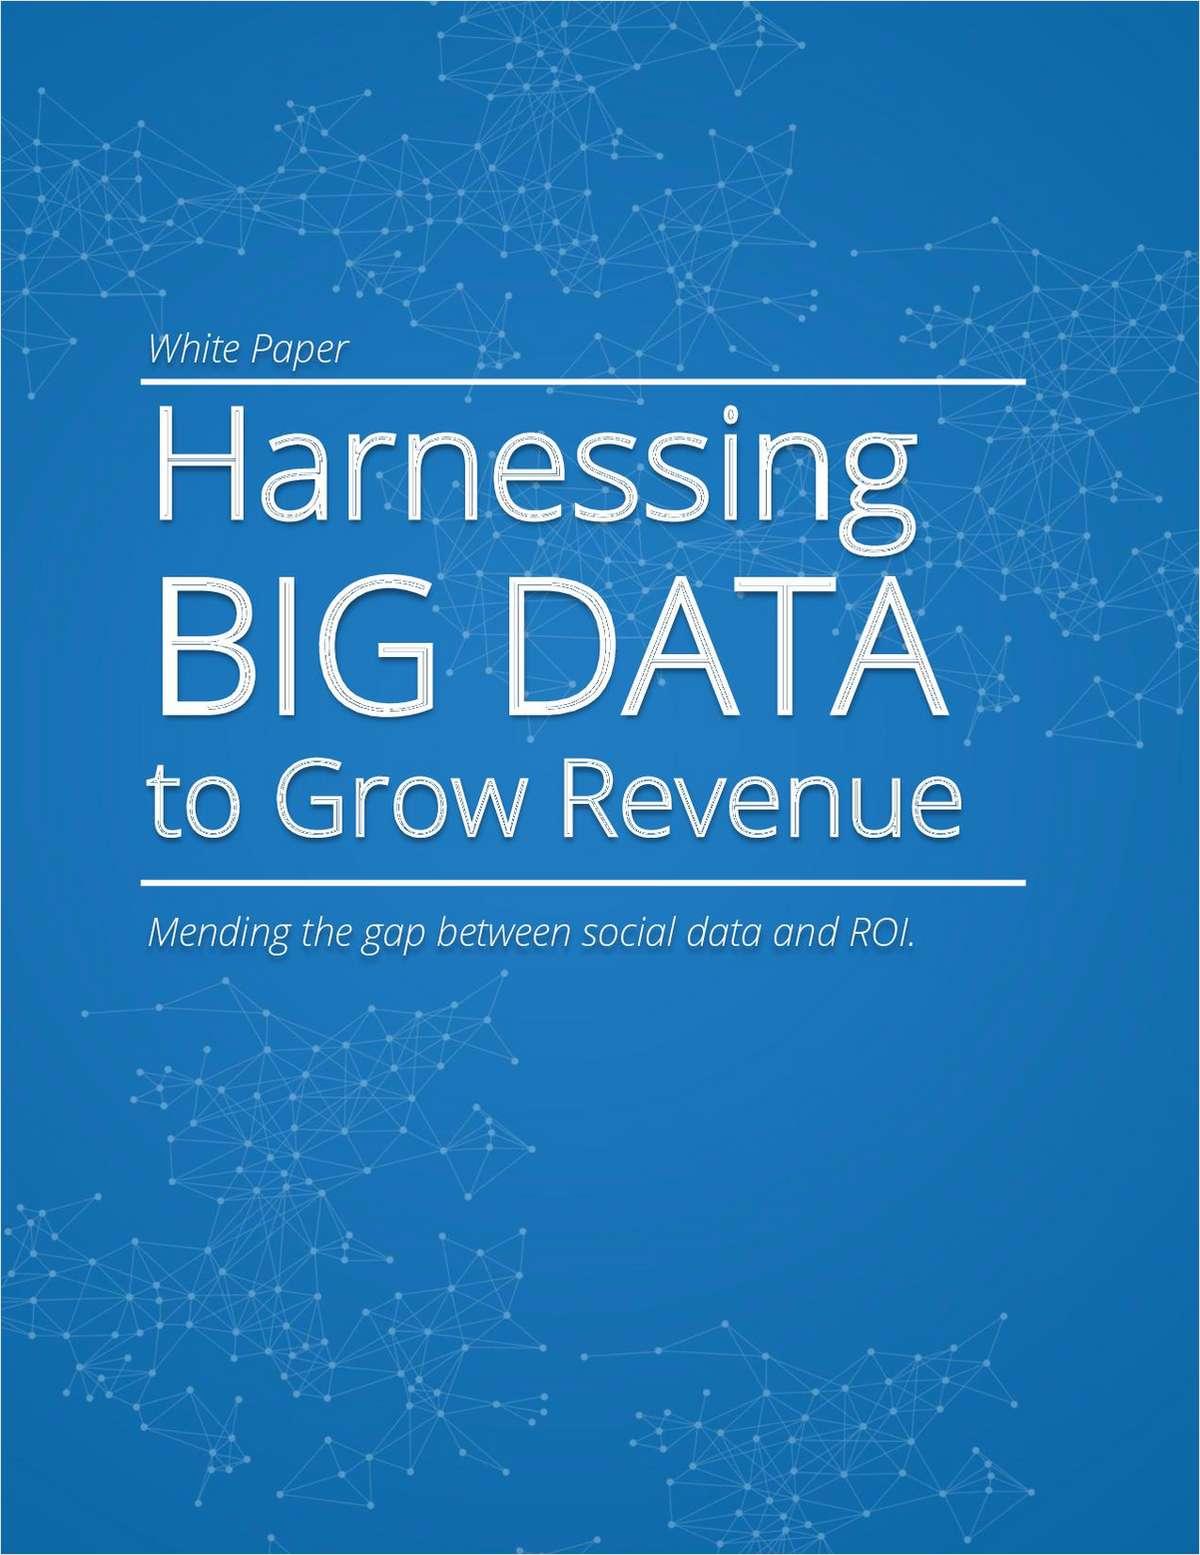 Harnessing BIG DATA to Grow Revenue